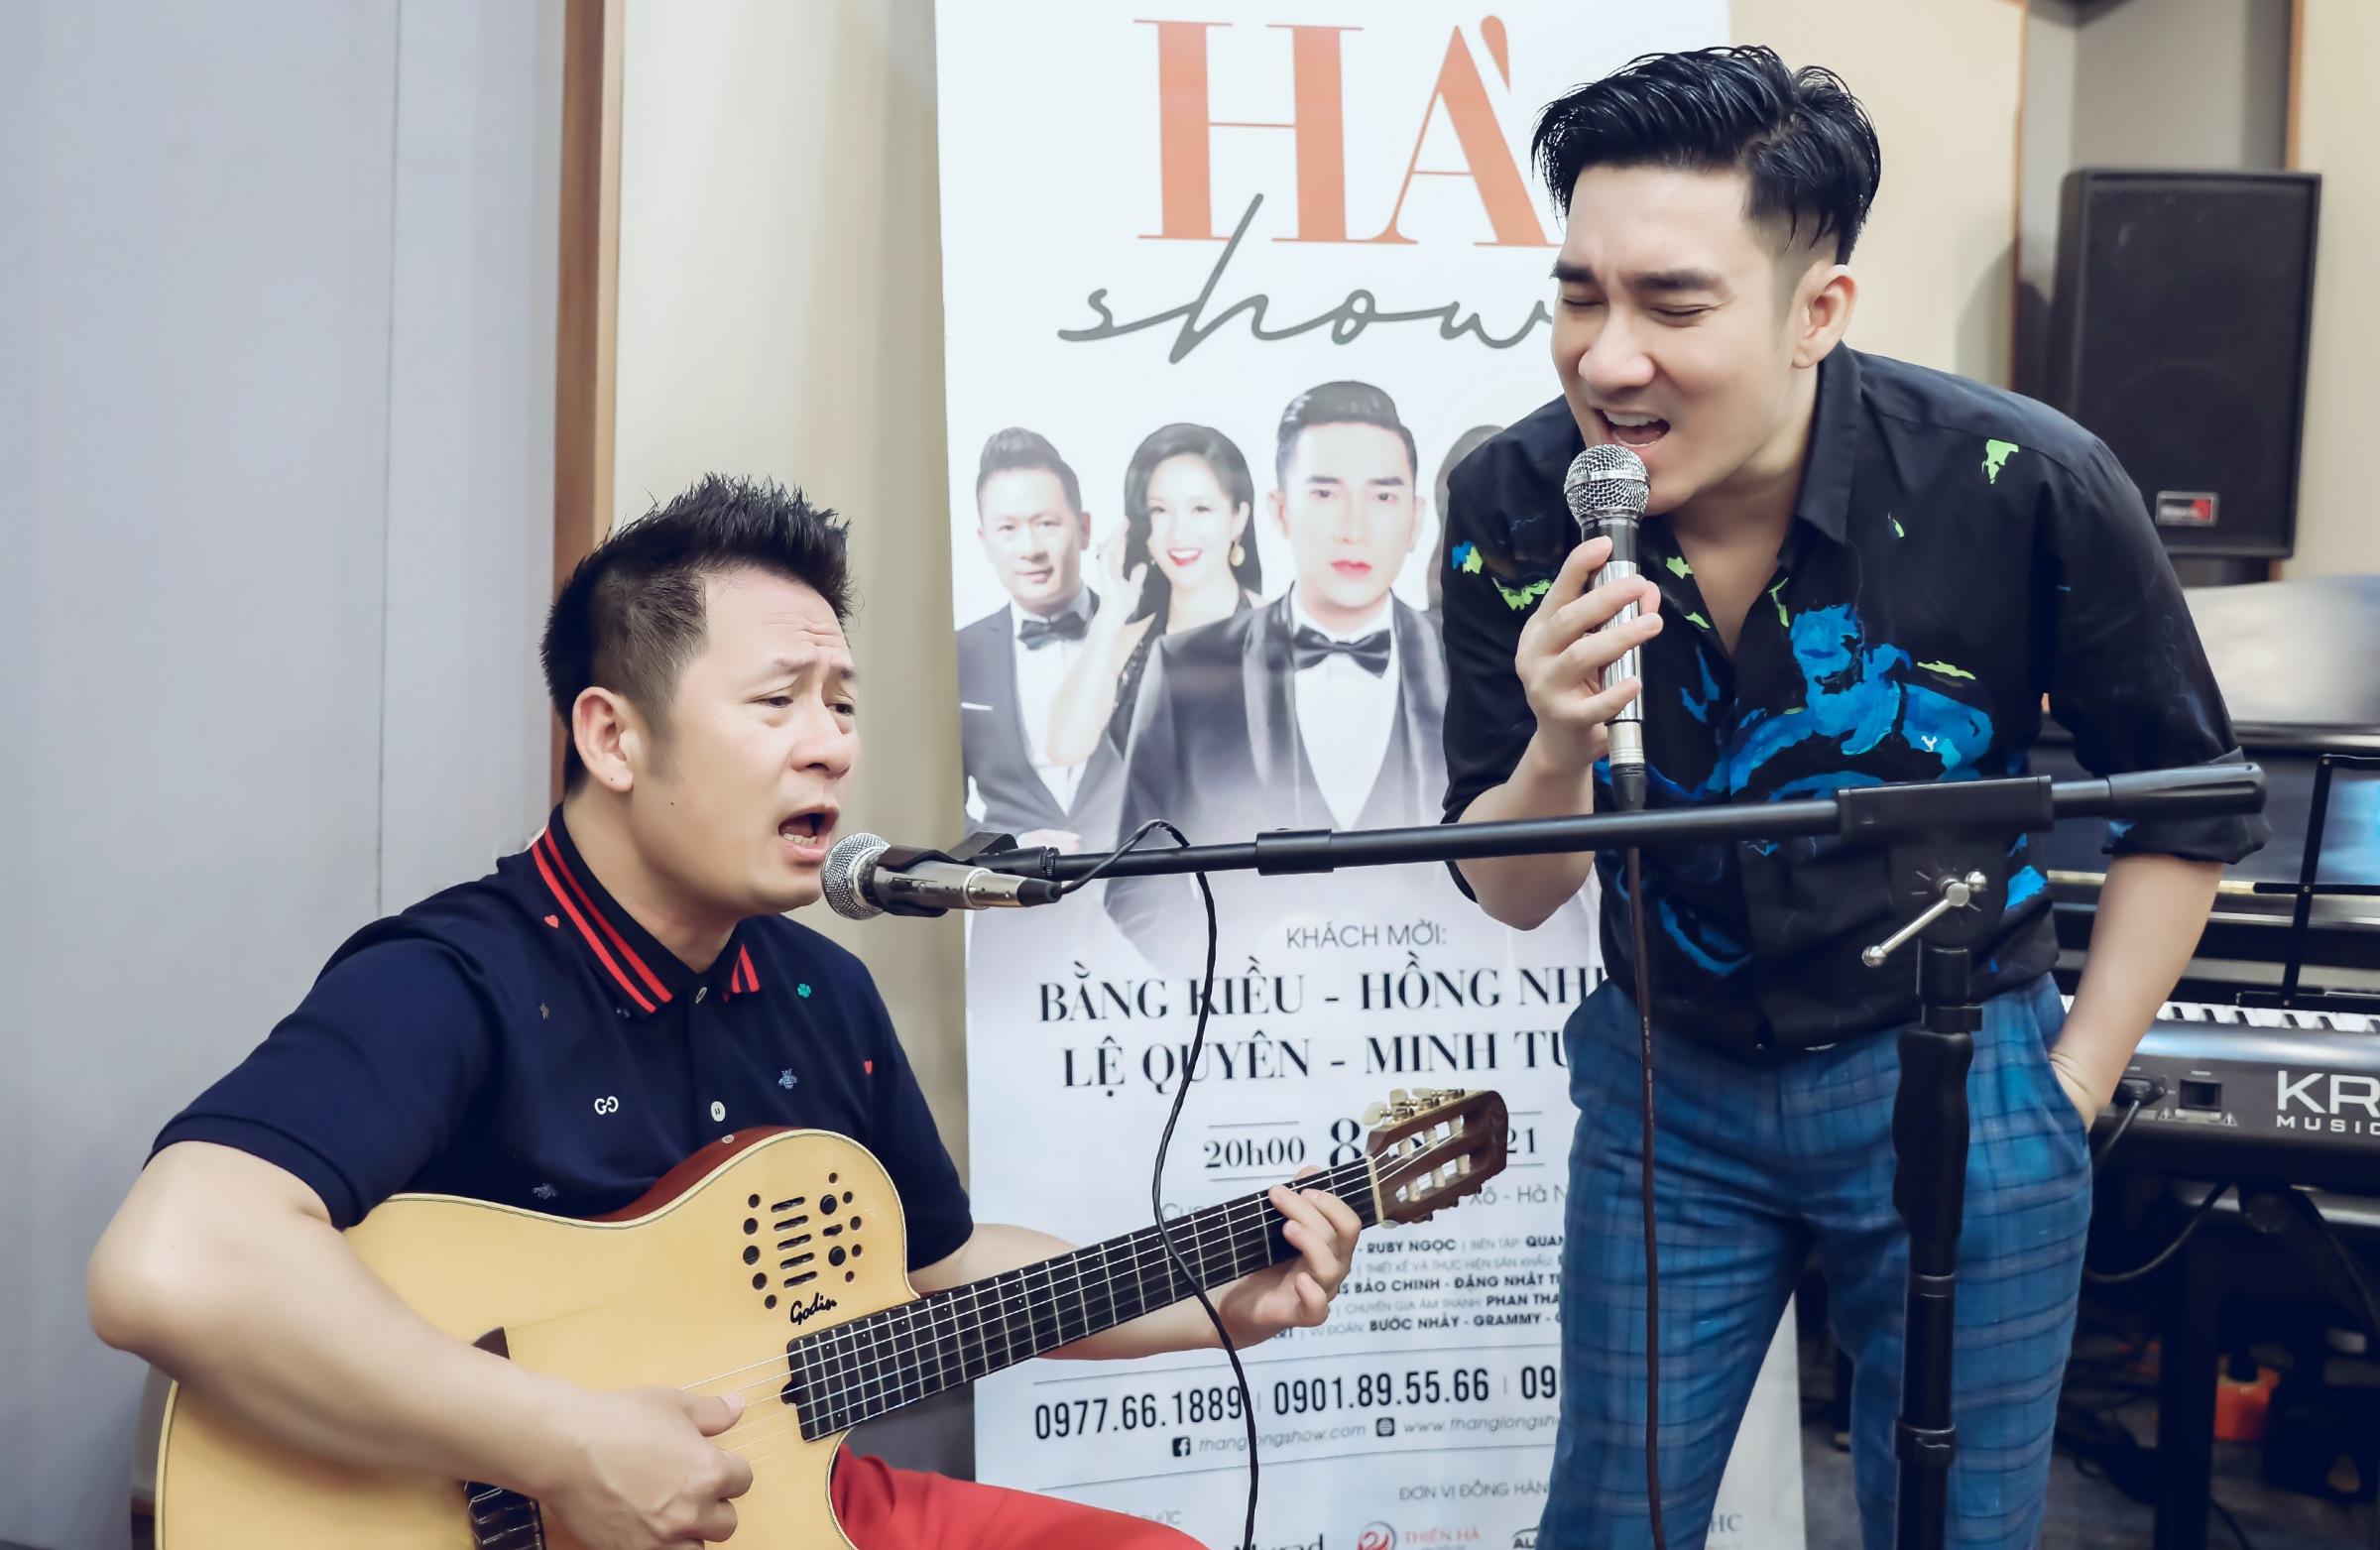 Quang Hà sụt 5 kg vì mất ăn mất ngủ cho liveshow - 1